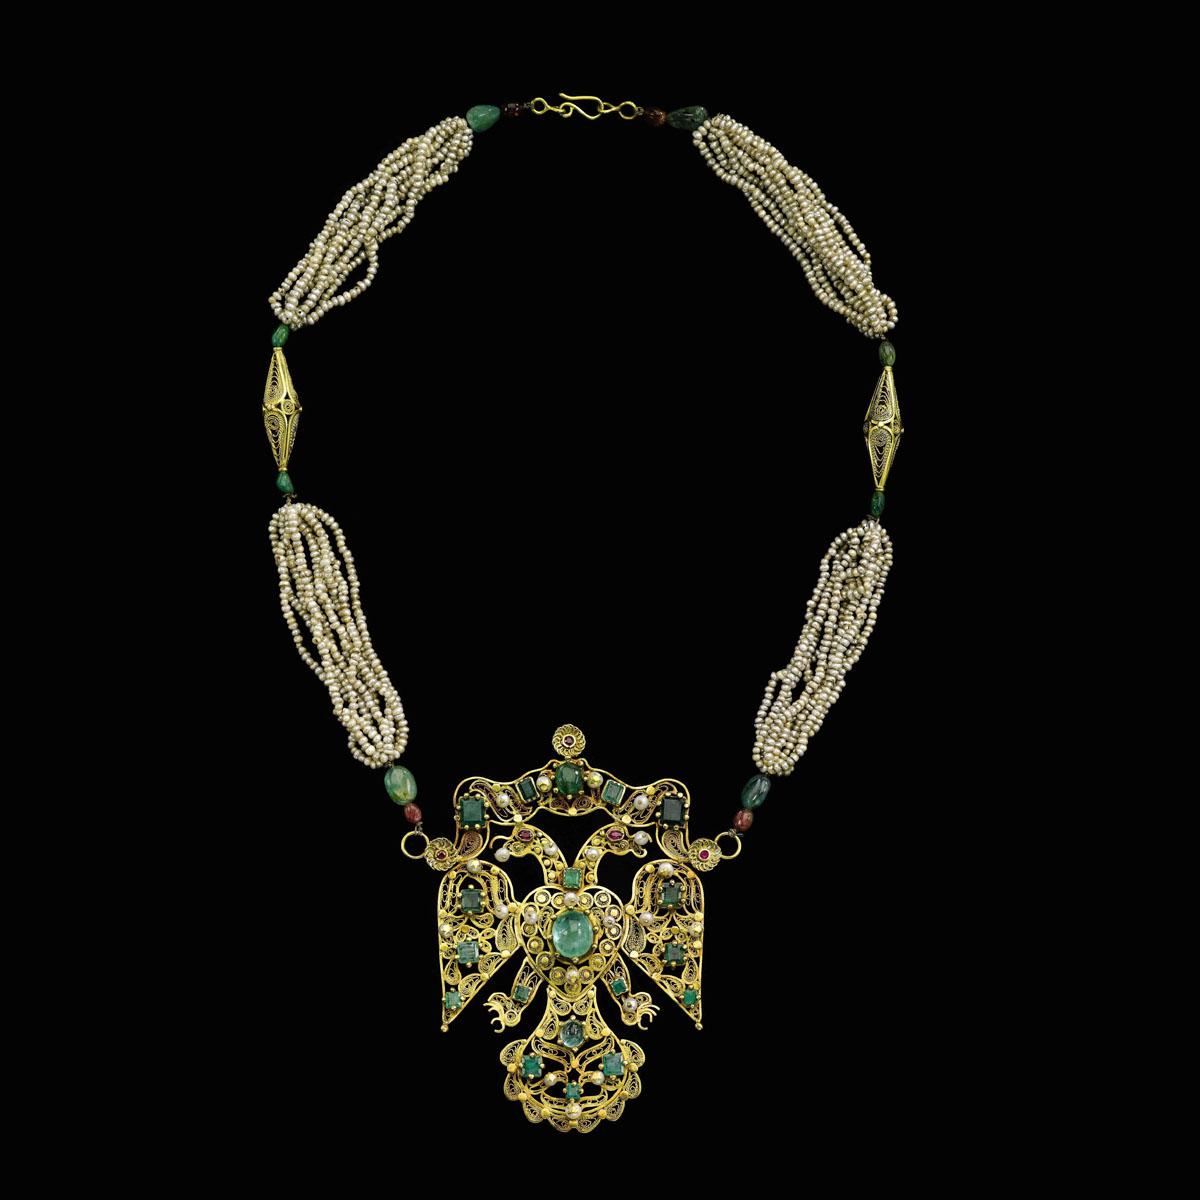 Морокканское ожерелье, 18 век, Коллекция Музеев Катара